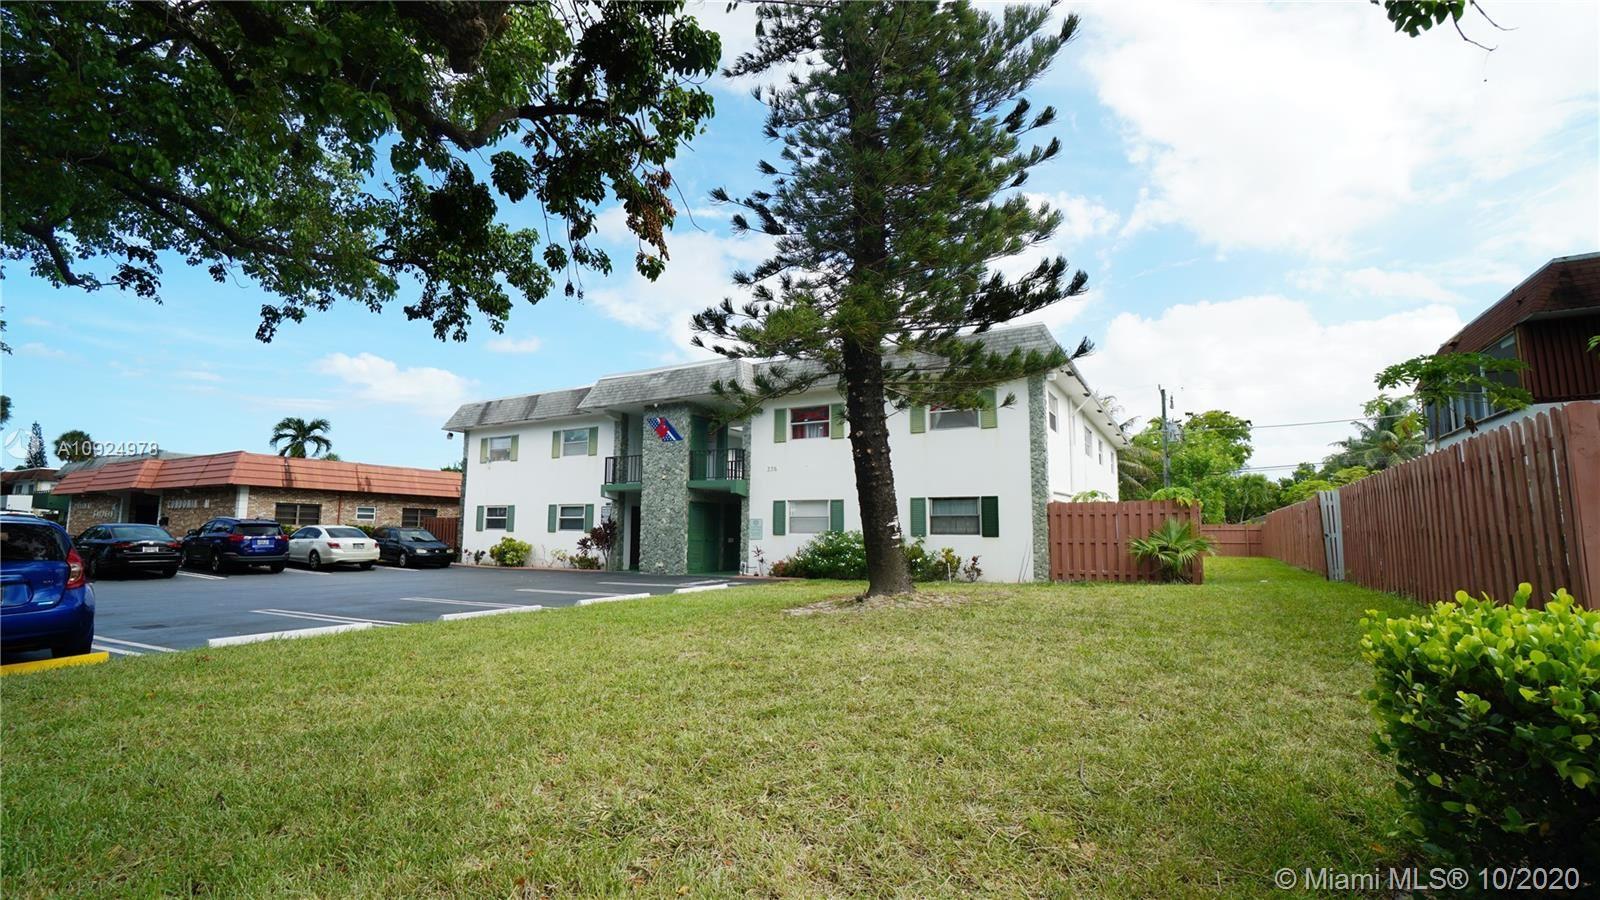 336 SW 1st St #B-6, Pompano Beach, FL 33060 - #: A10924978